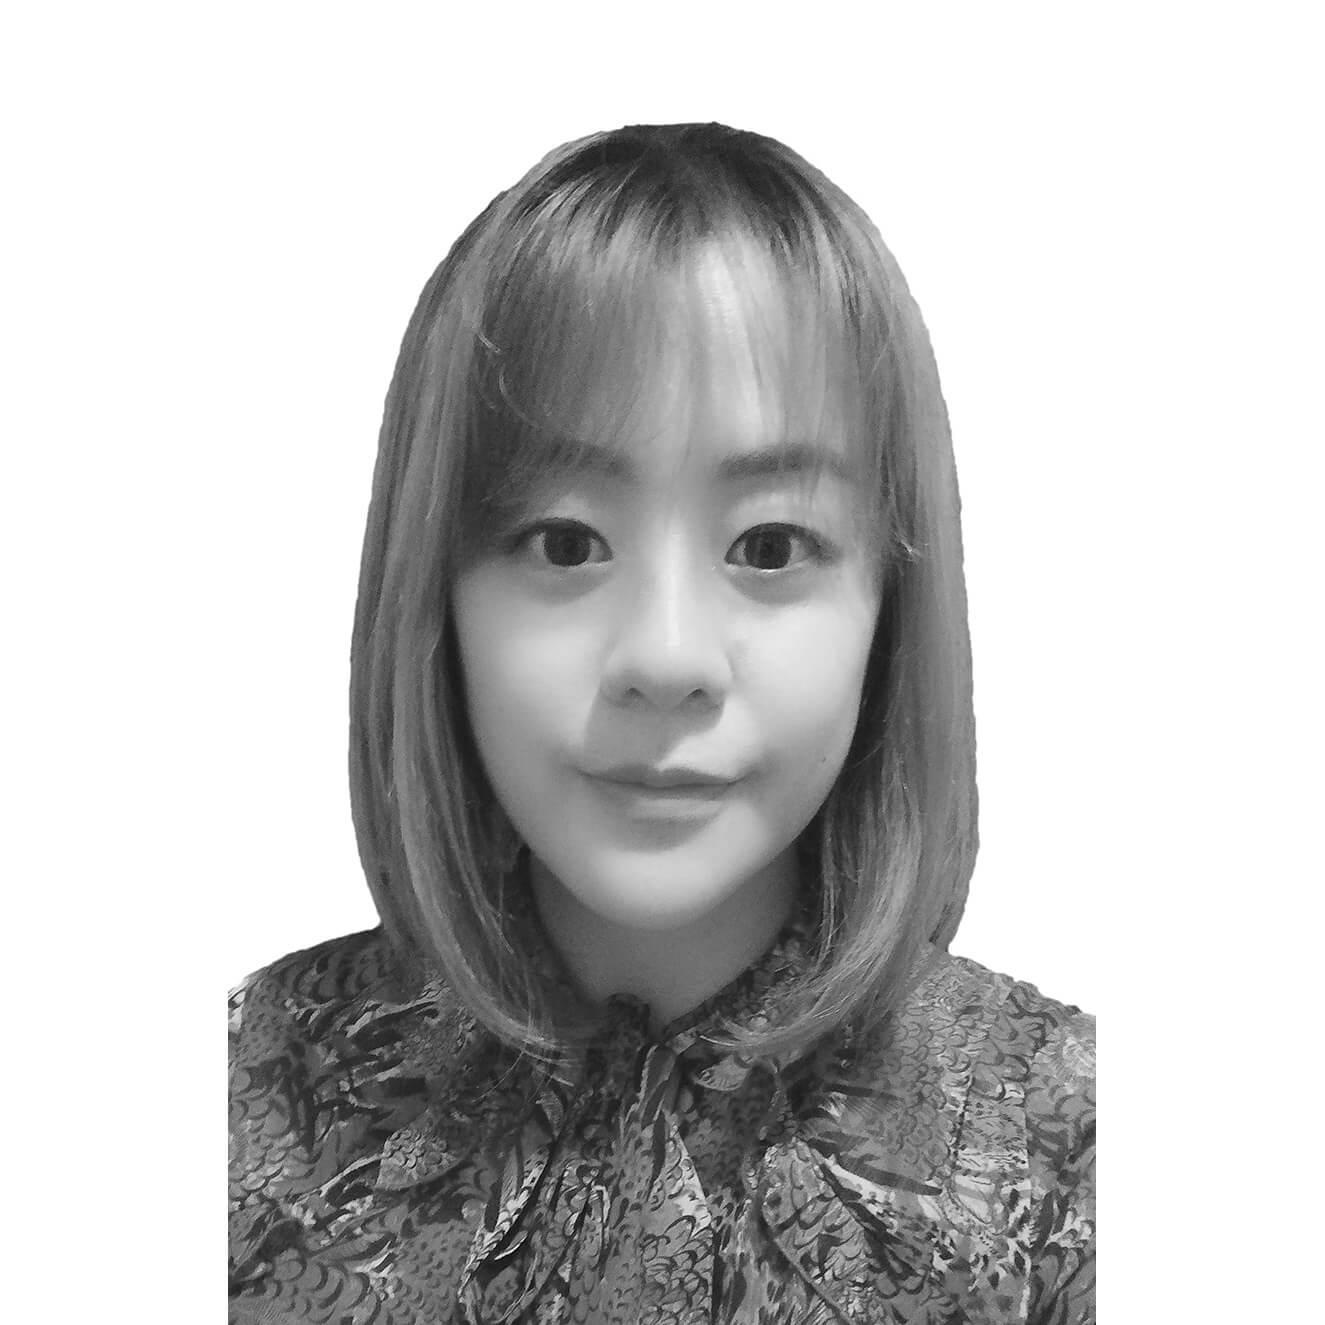 Lina-profile-photo-BW2-1